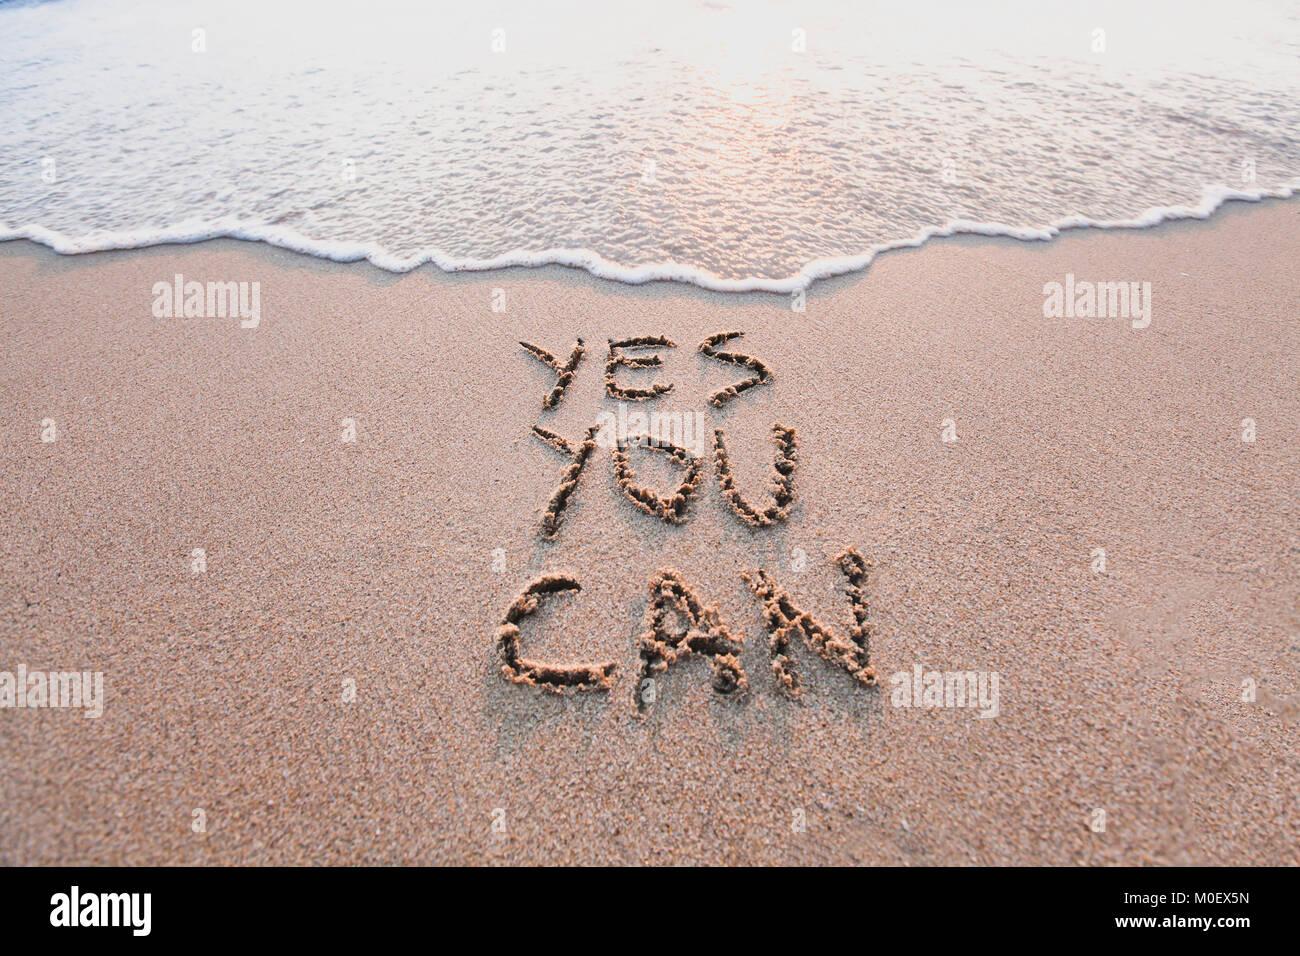 Oui vous pouvez, d'inspiration motivationnelle concept message écrit sur le sable de plage Photo Stock